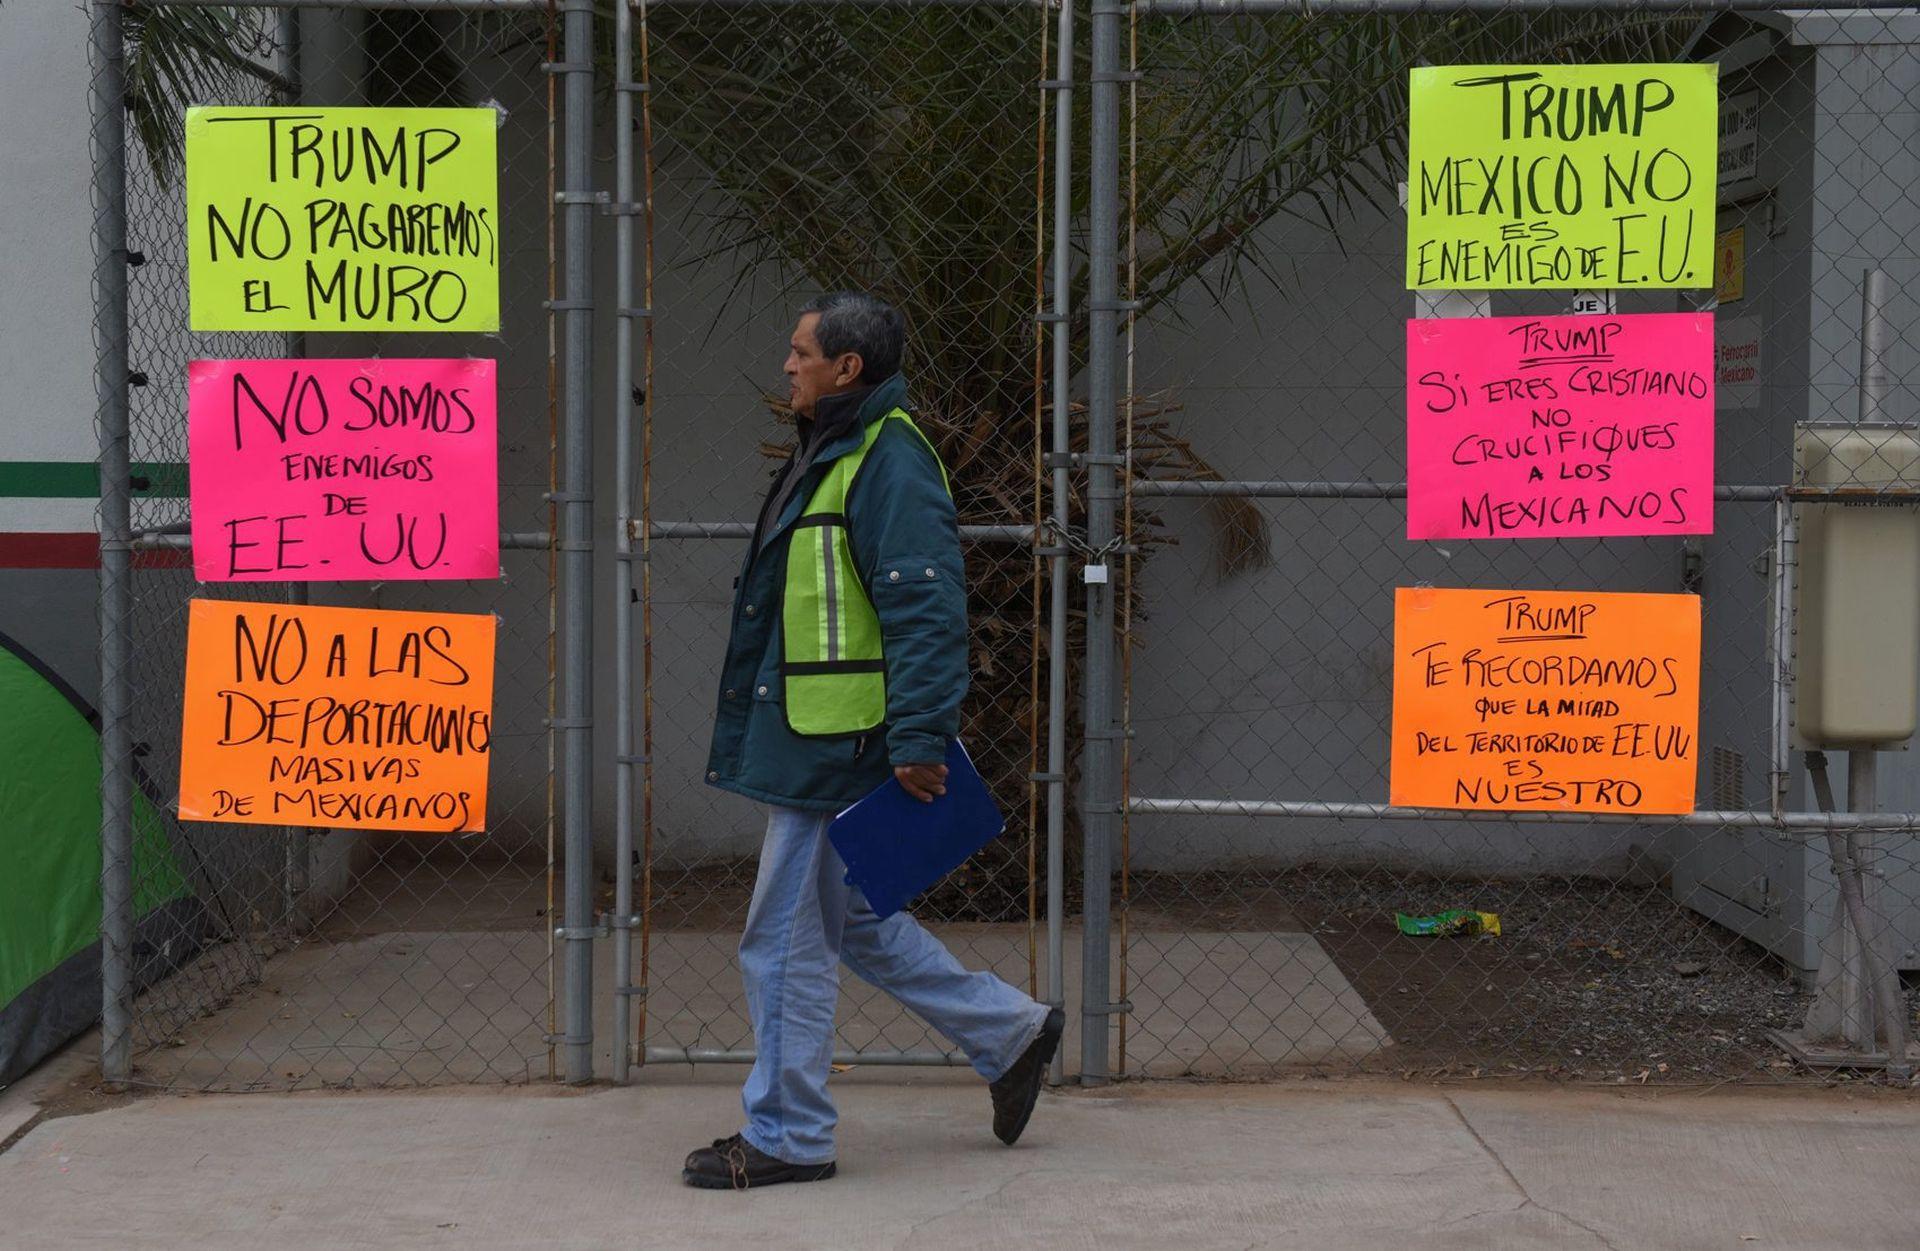 VELIKI PROJEKT Je li Trumpov zid isplativ?